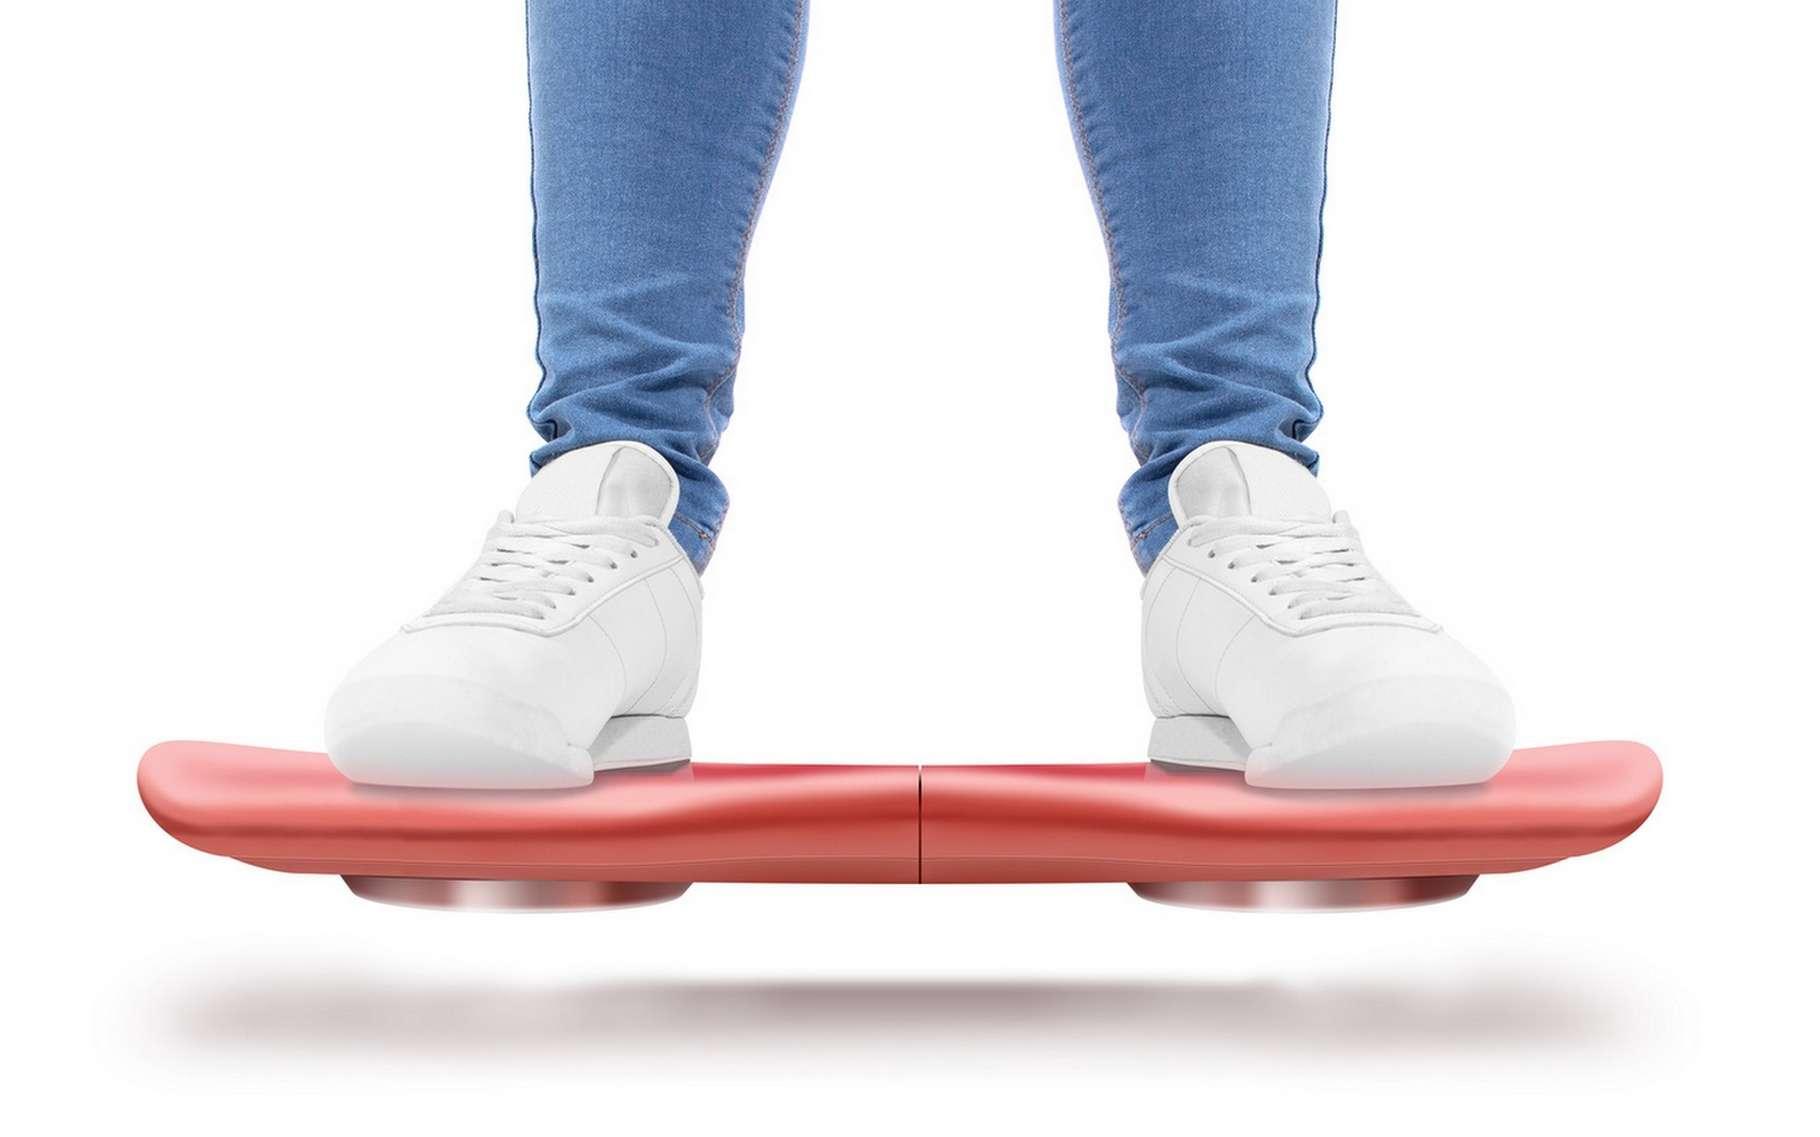 Popularisé par le film Retour vers le futur 2, le concept du hoverboard n'a pas encore trouvé de transposition fidèle dans la réalité. © Alexandr Bognat, Fotolia